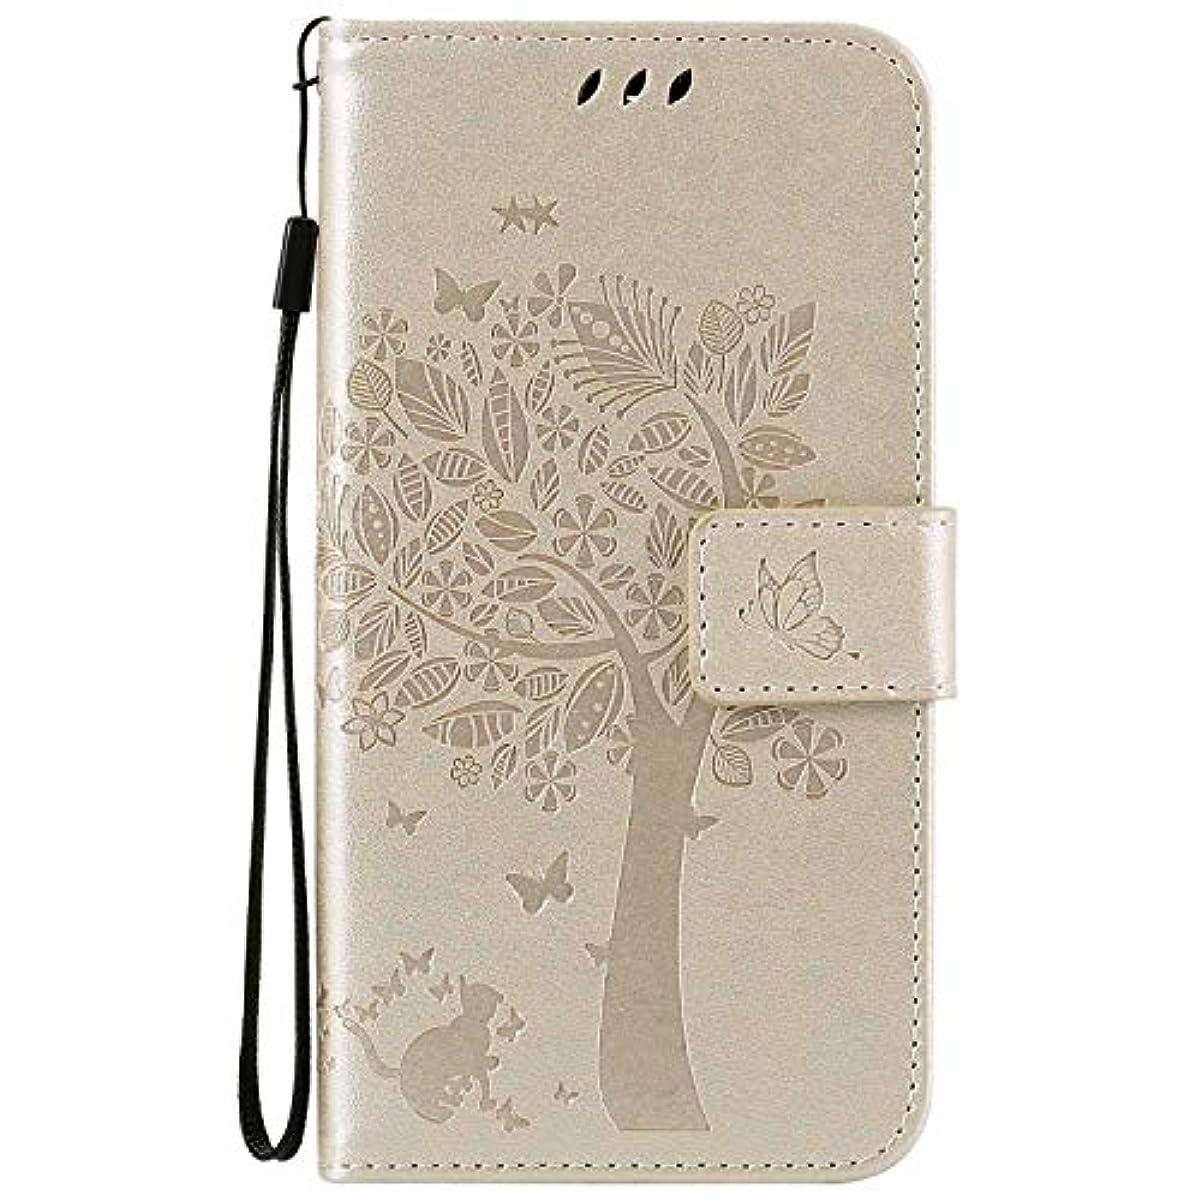 望ましい新鮮な自然OMATENTI LG K7 / K8 ケース 手帳型ケース ウォレット型 カード収納 ストラップ付き 高級感PUレザー 押し花木柄 落下防止 財布型 カバー LG K7 / K8 用 Case Cover, 白